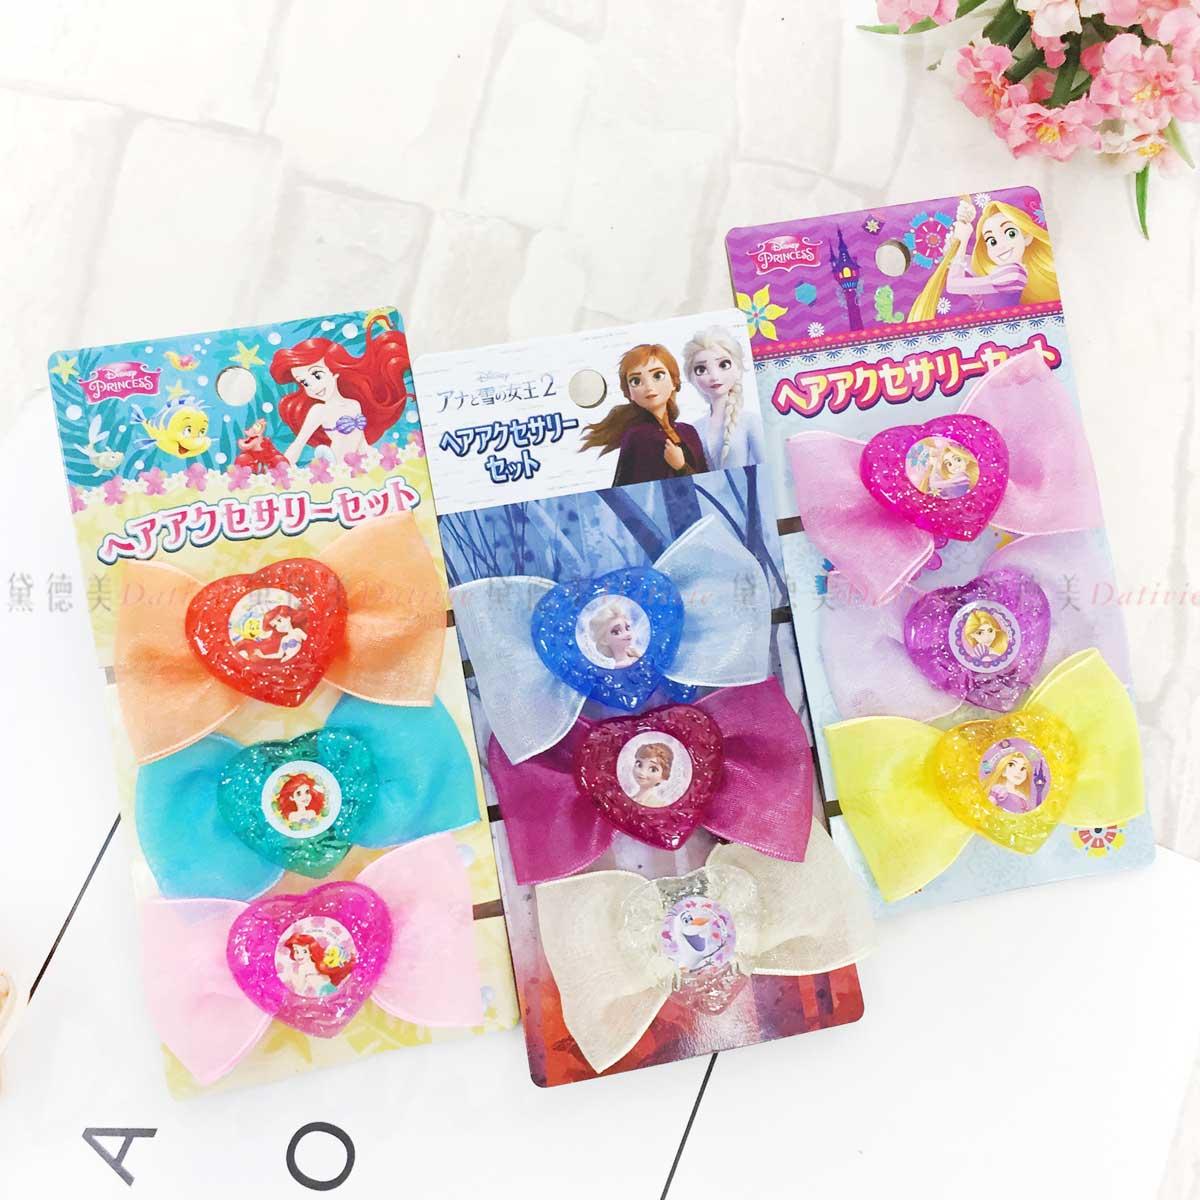 髮圈組 3入-冰雪奇緣 小美人魚 長髮公主 公主系列 Princes 迪士尼 DISNEY 日本進口正版授權